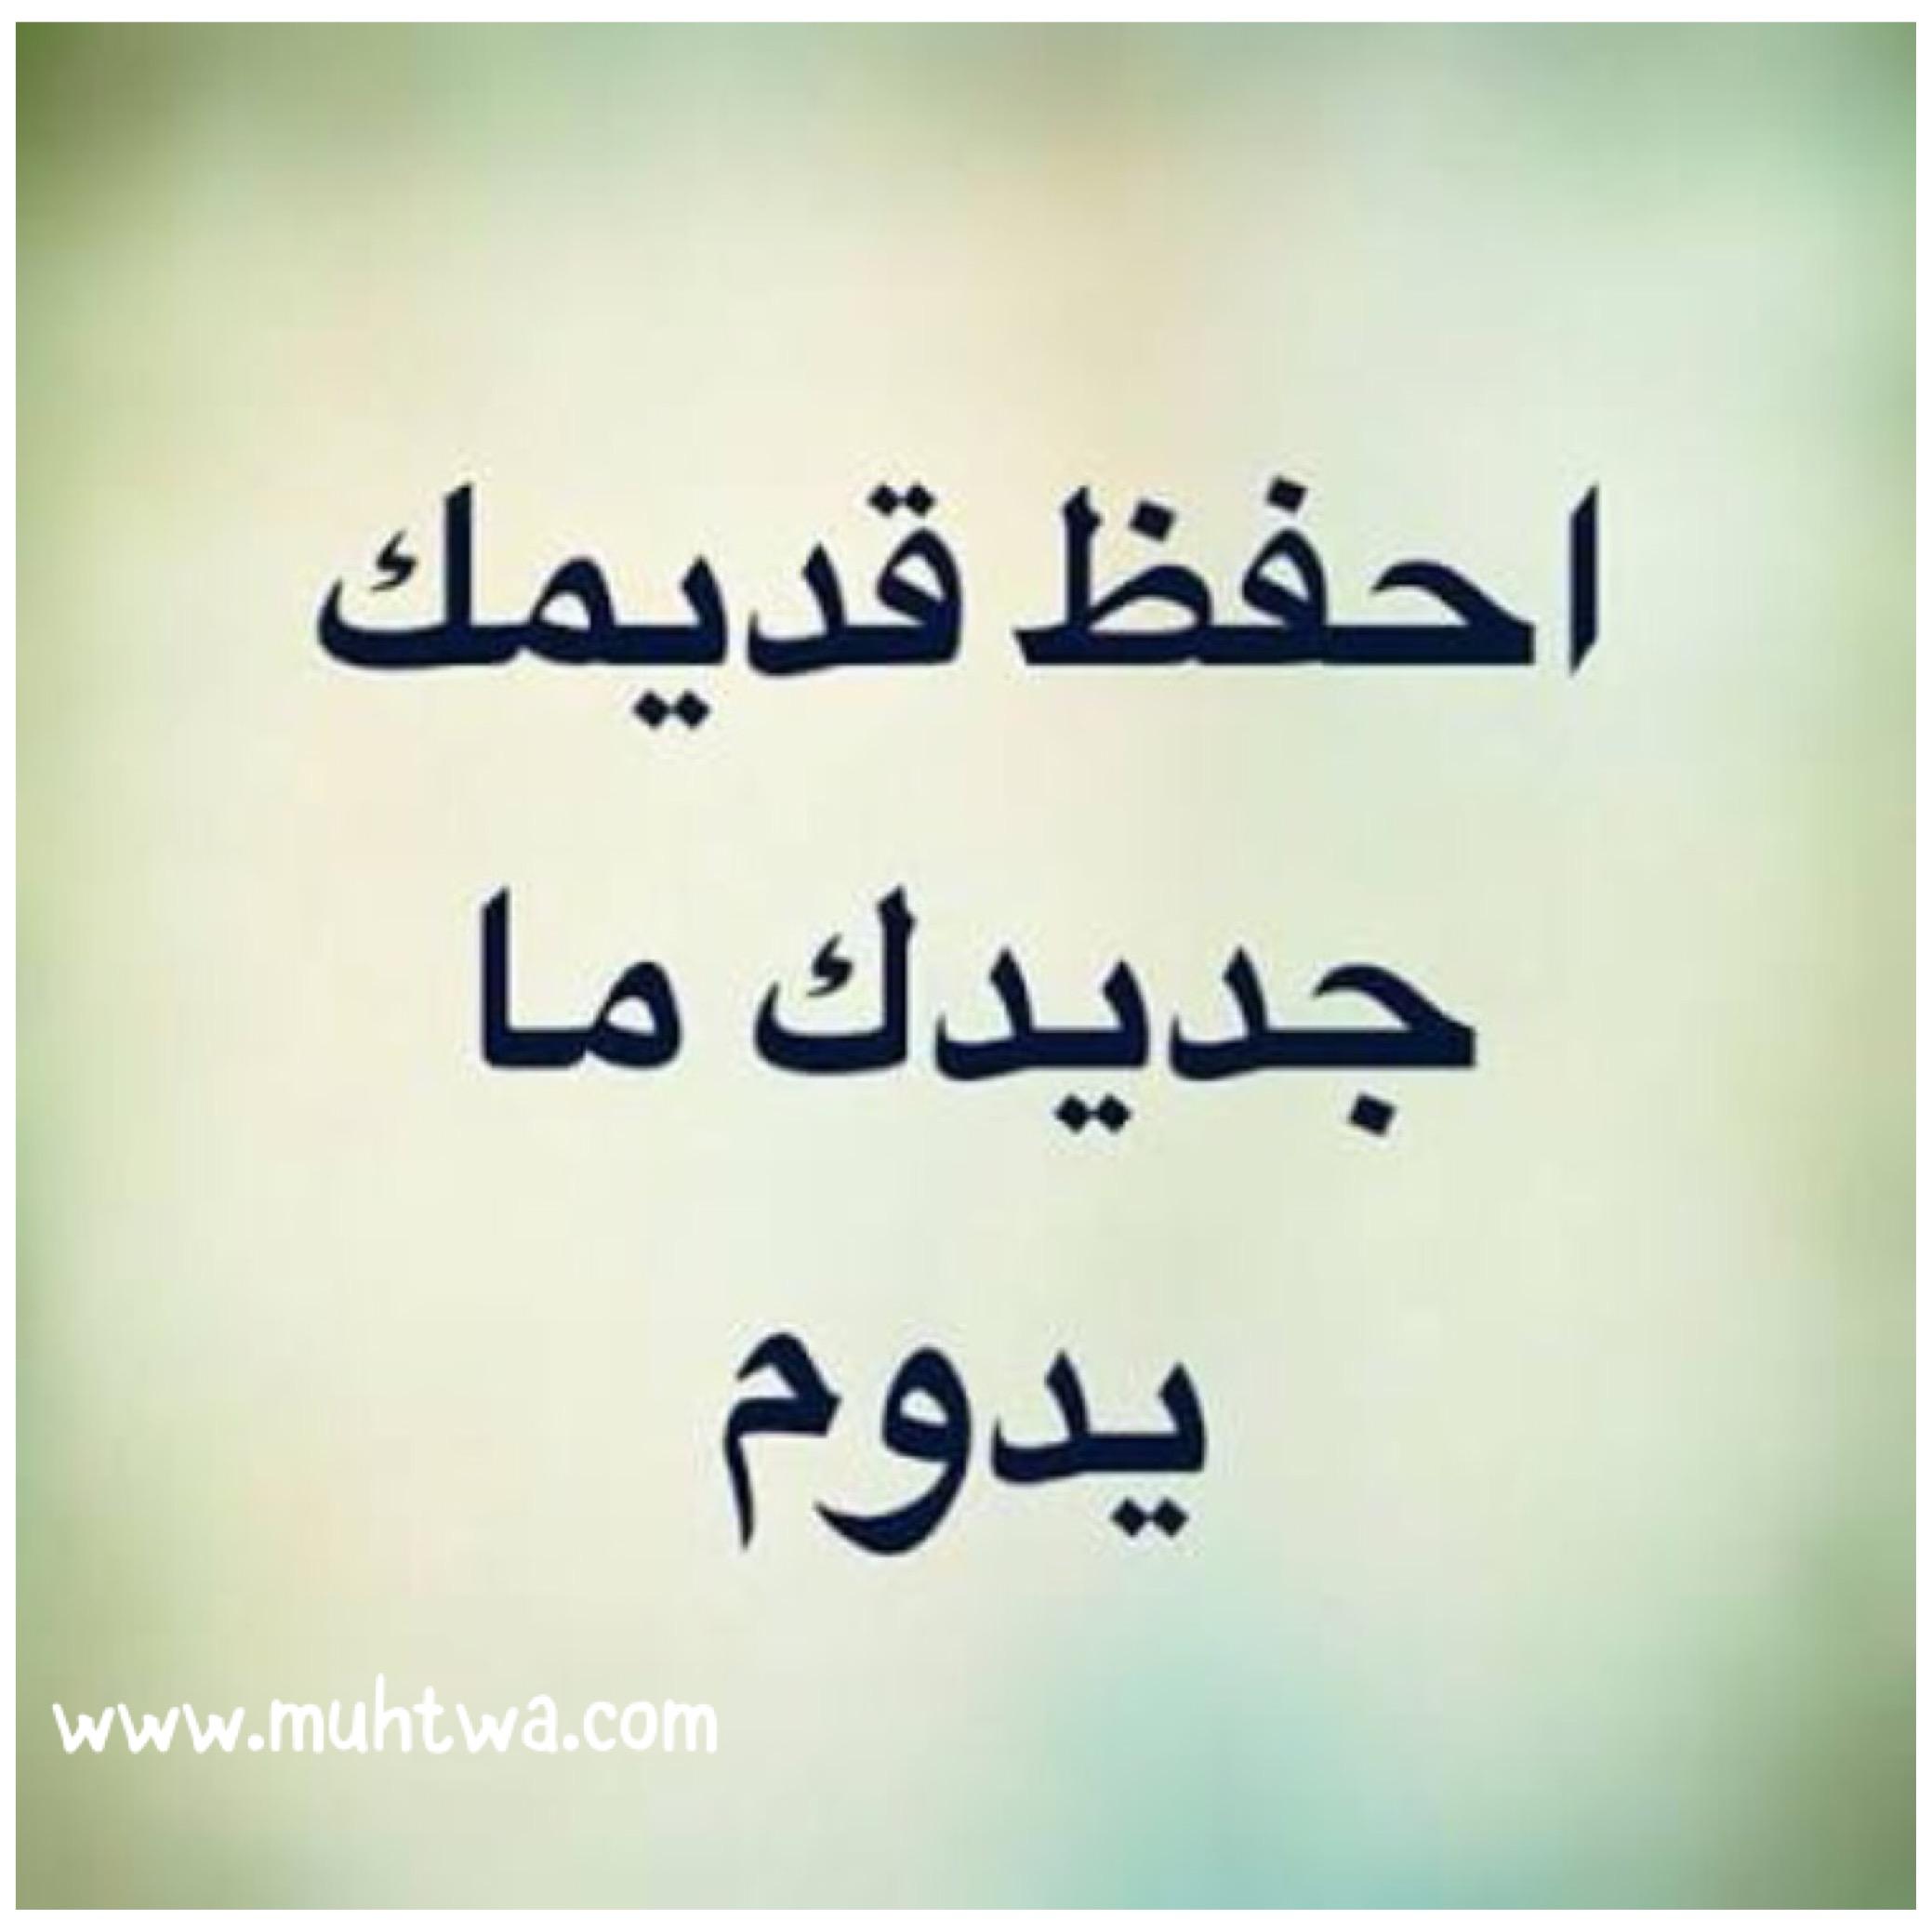 أمثال شعبية حكم امثال عربية قديمة لكل الدول قوية جدا في الصميم صقور الإبدآع